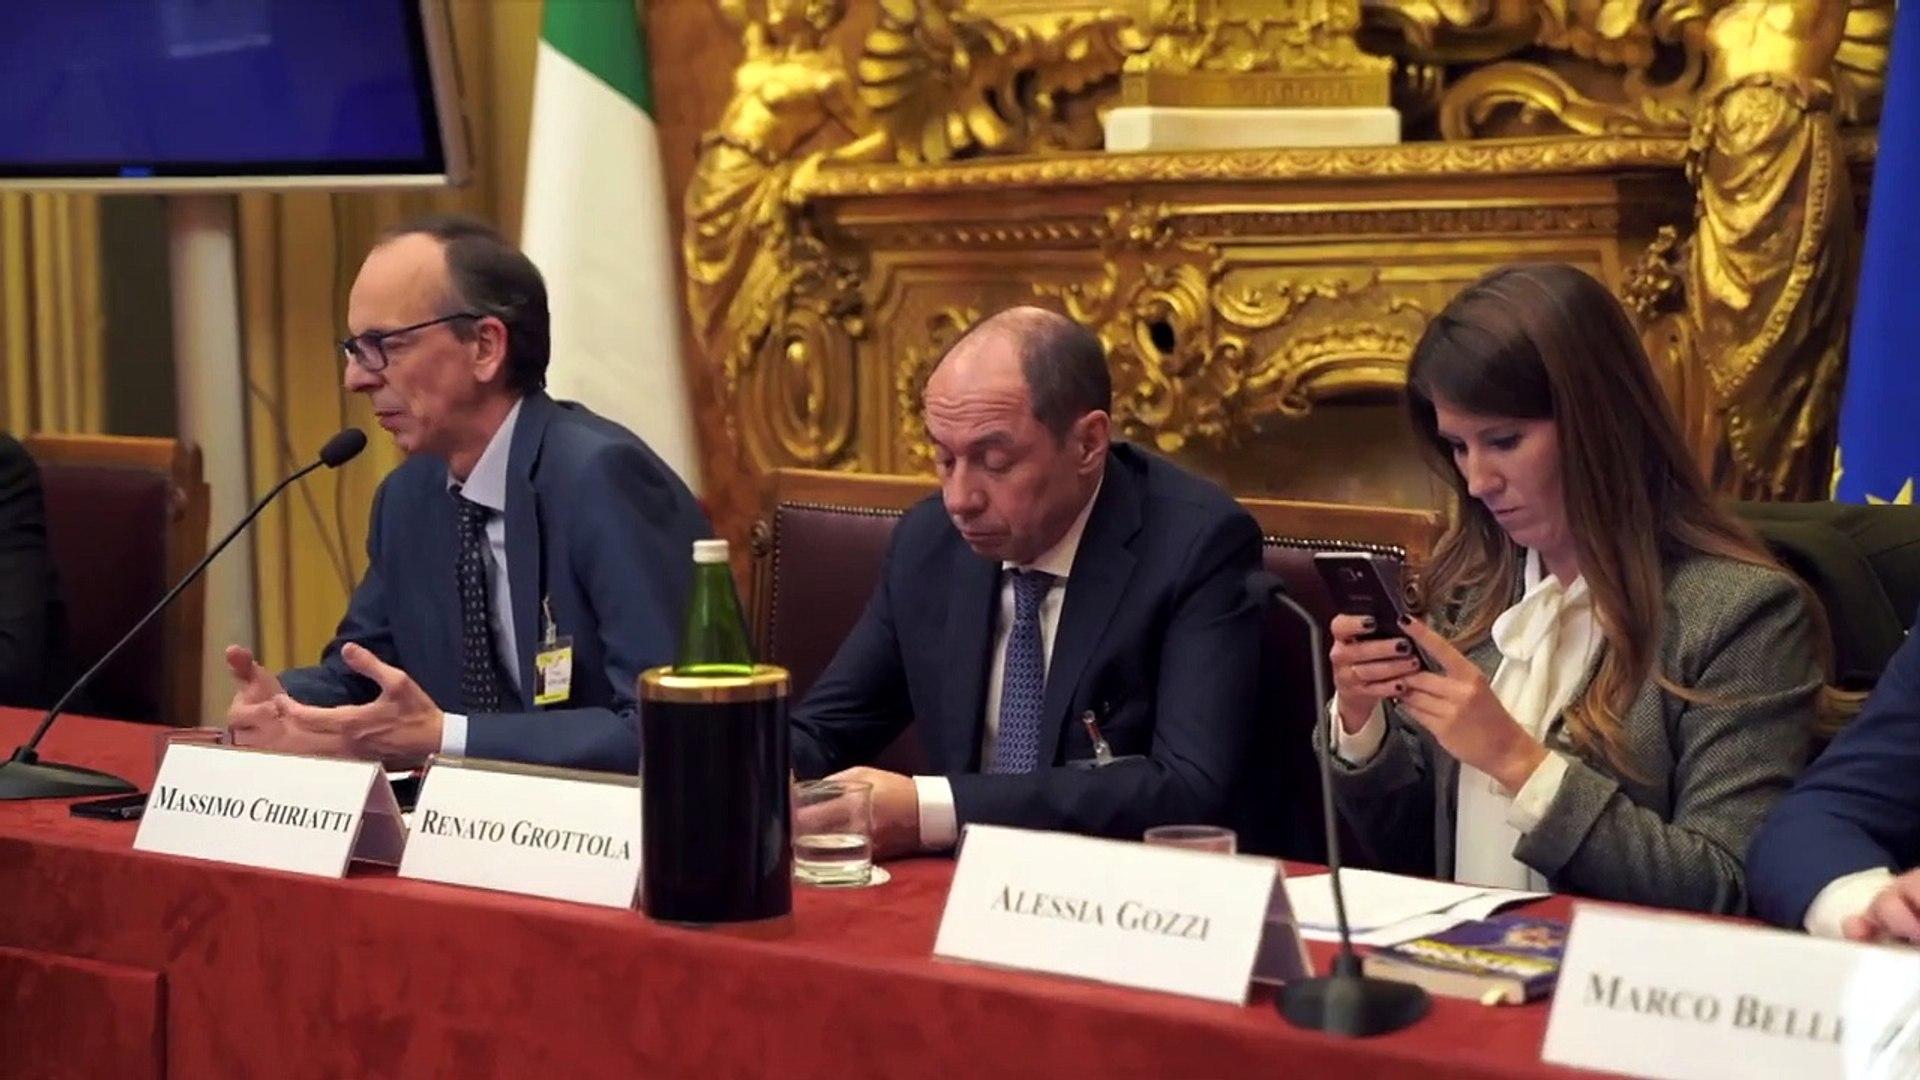 Davide Zanichelli - Il futuro della blockchain in Italia - MoVimento 5 Stelle